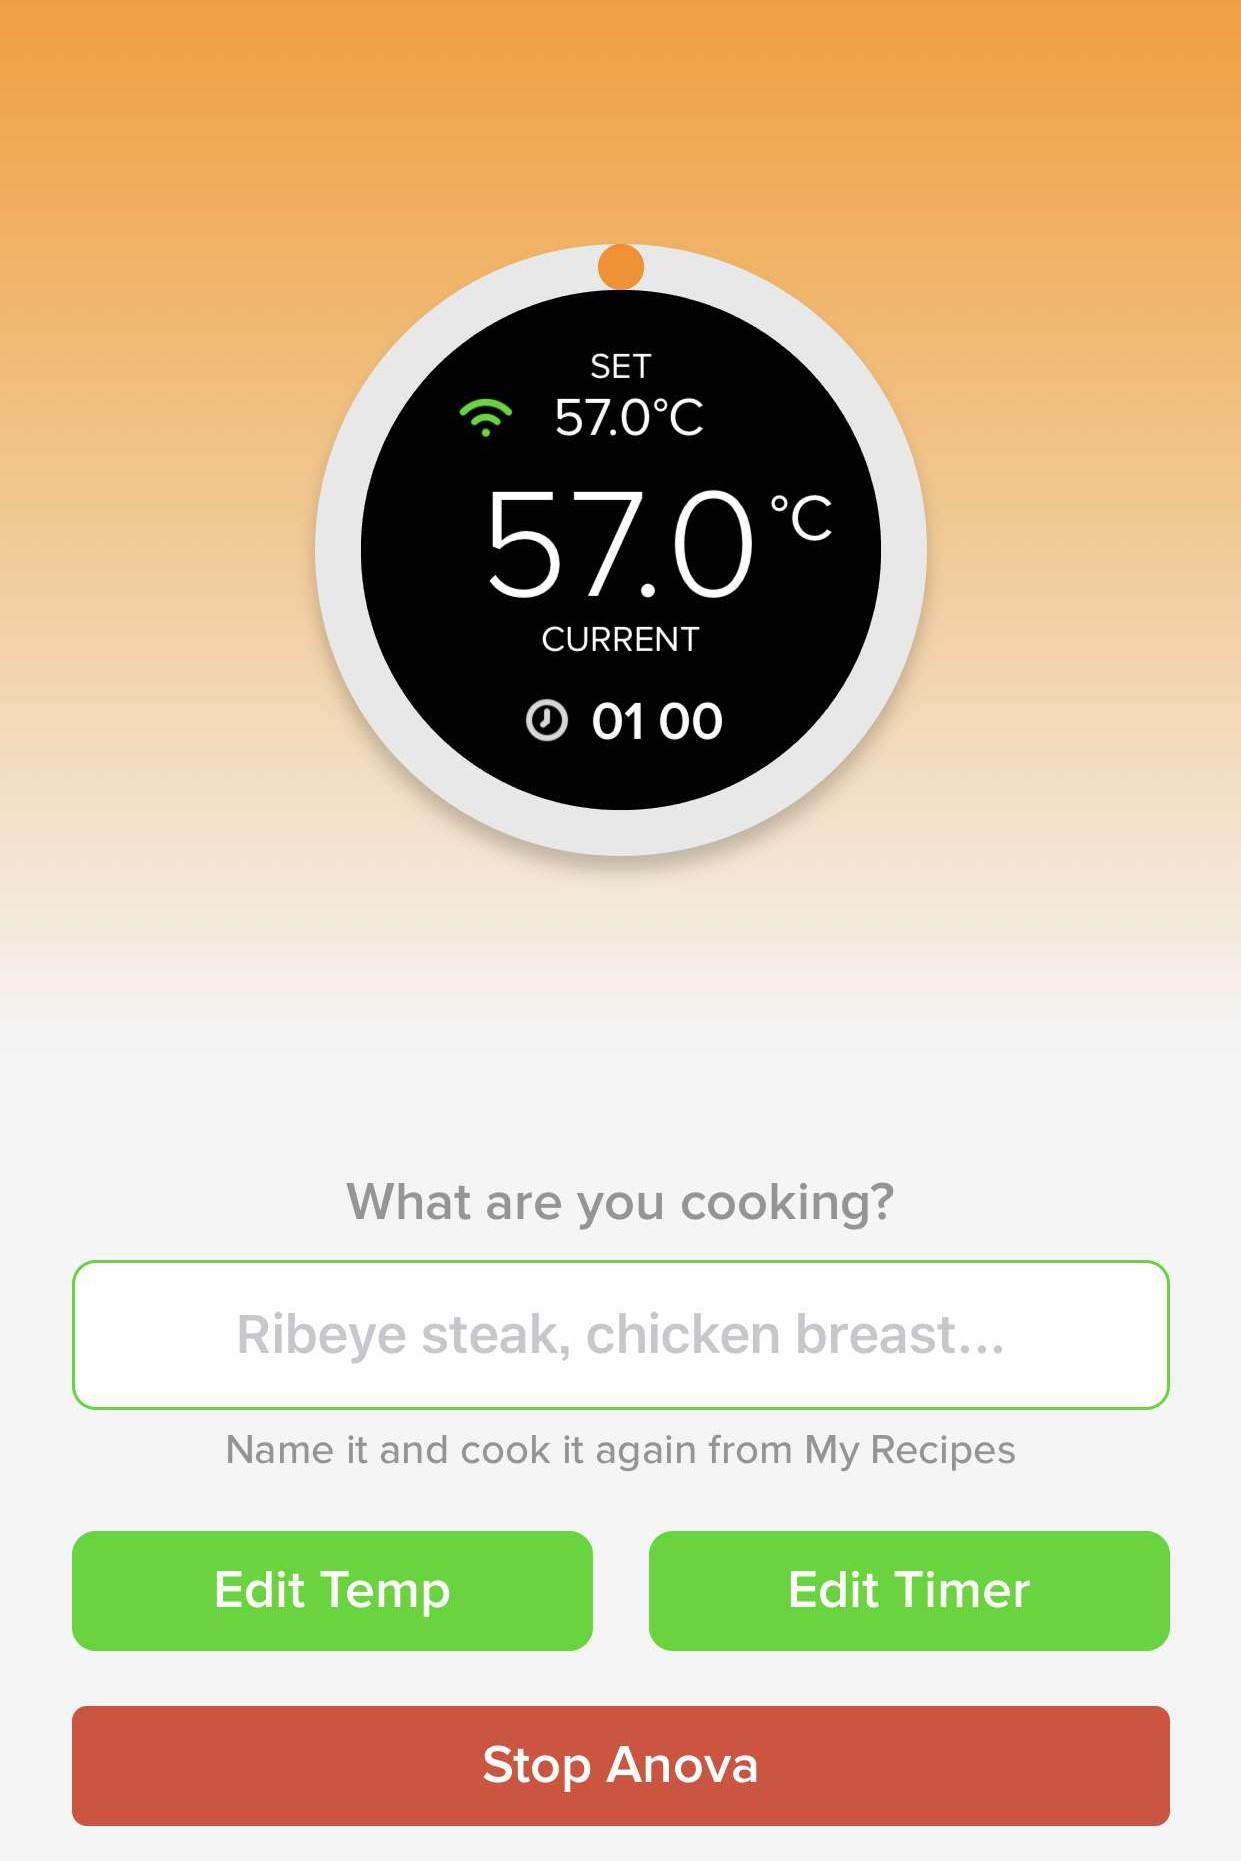 Anova アノーバ 低温調理器 レビュー 使い方 ステーキ 失敗 メイラード反応